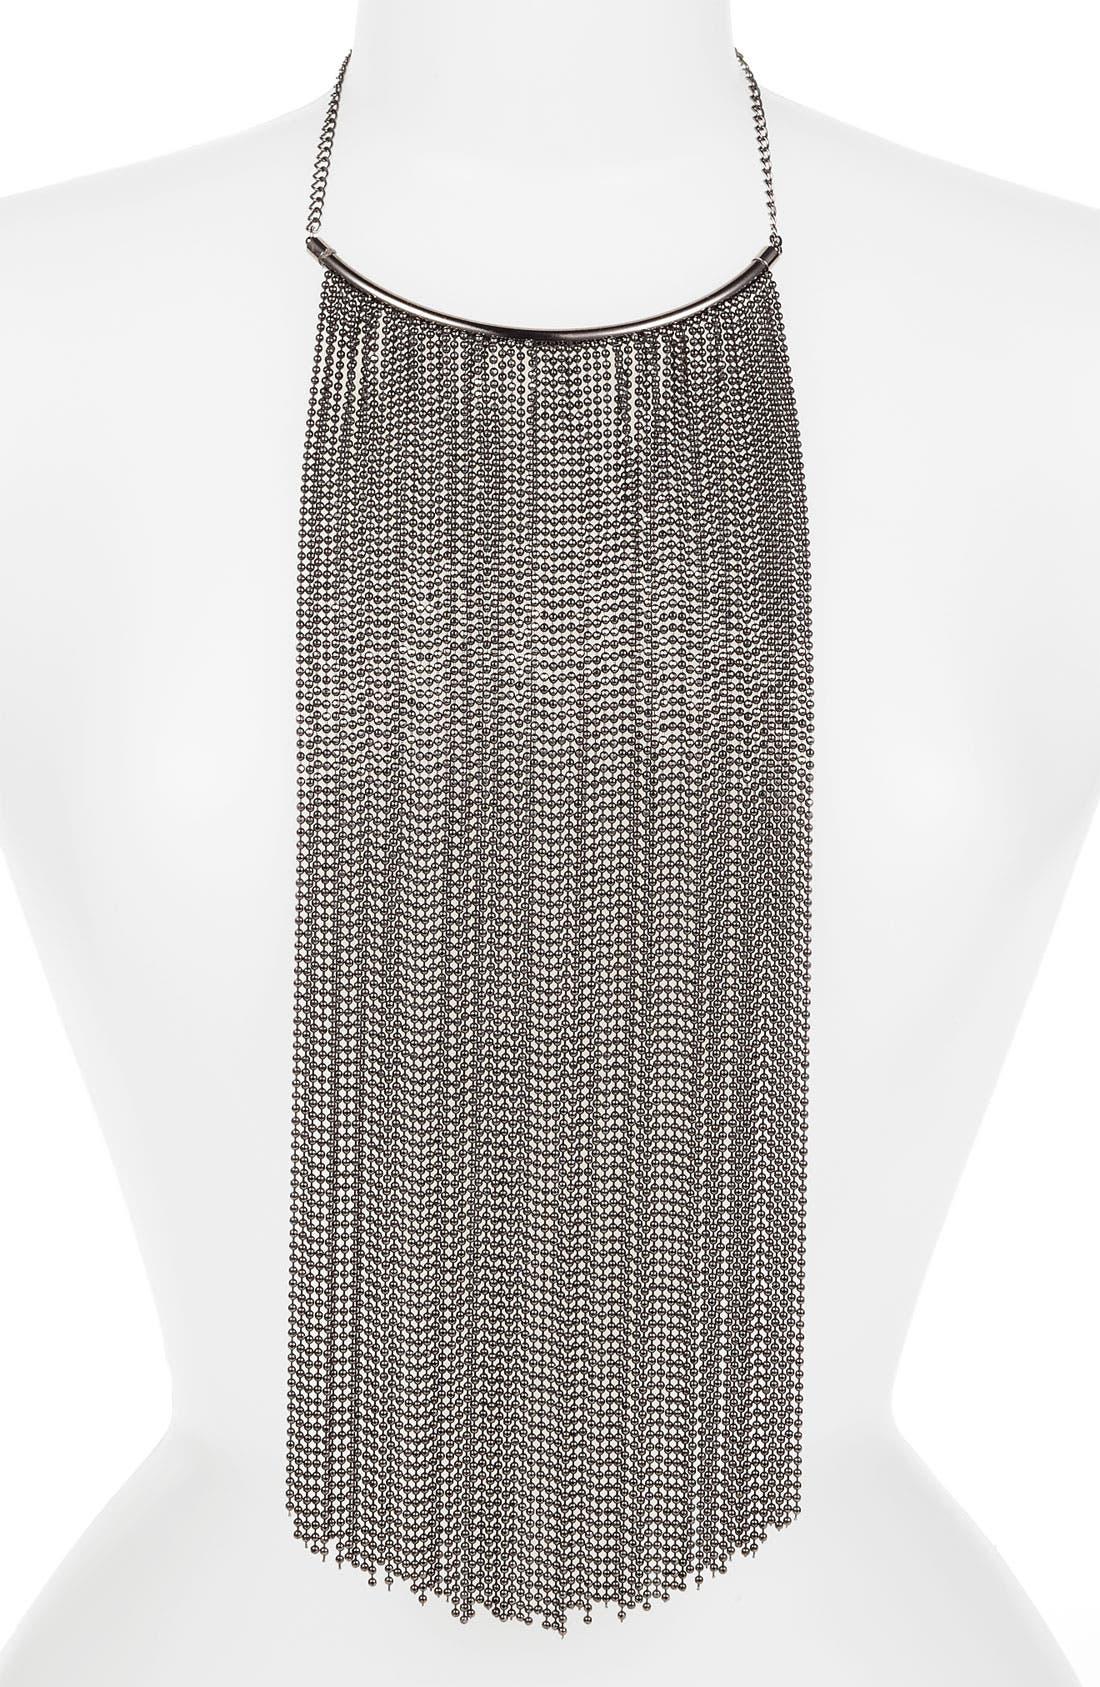 Alternate Image 1 Selected - Natasha Couture Fringe Bib Necklace